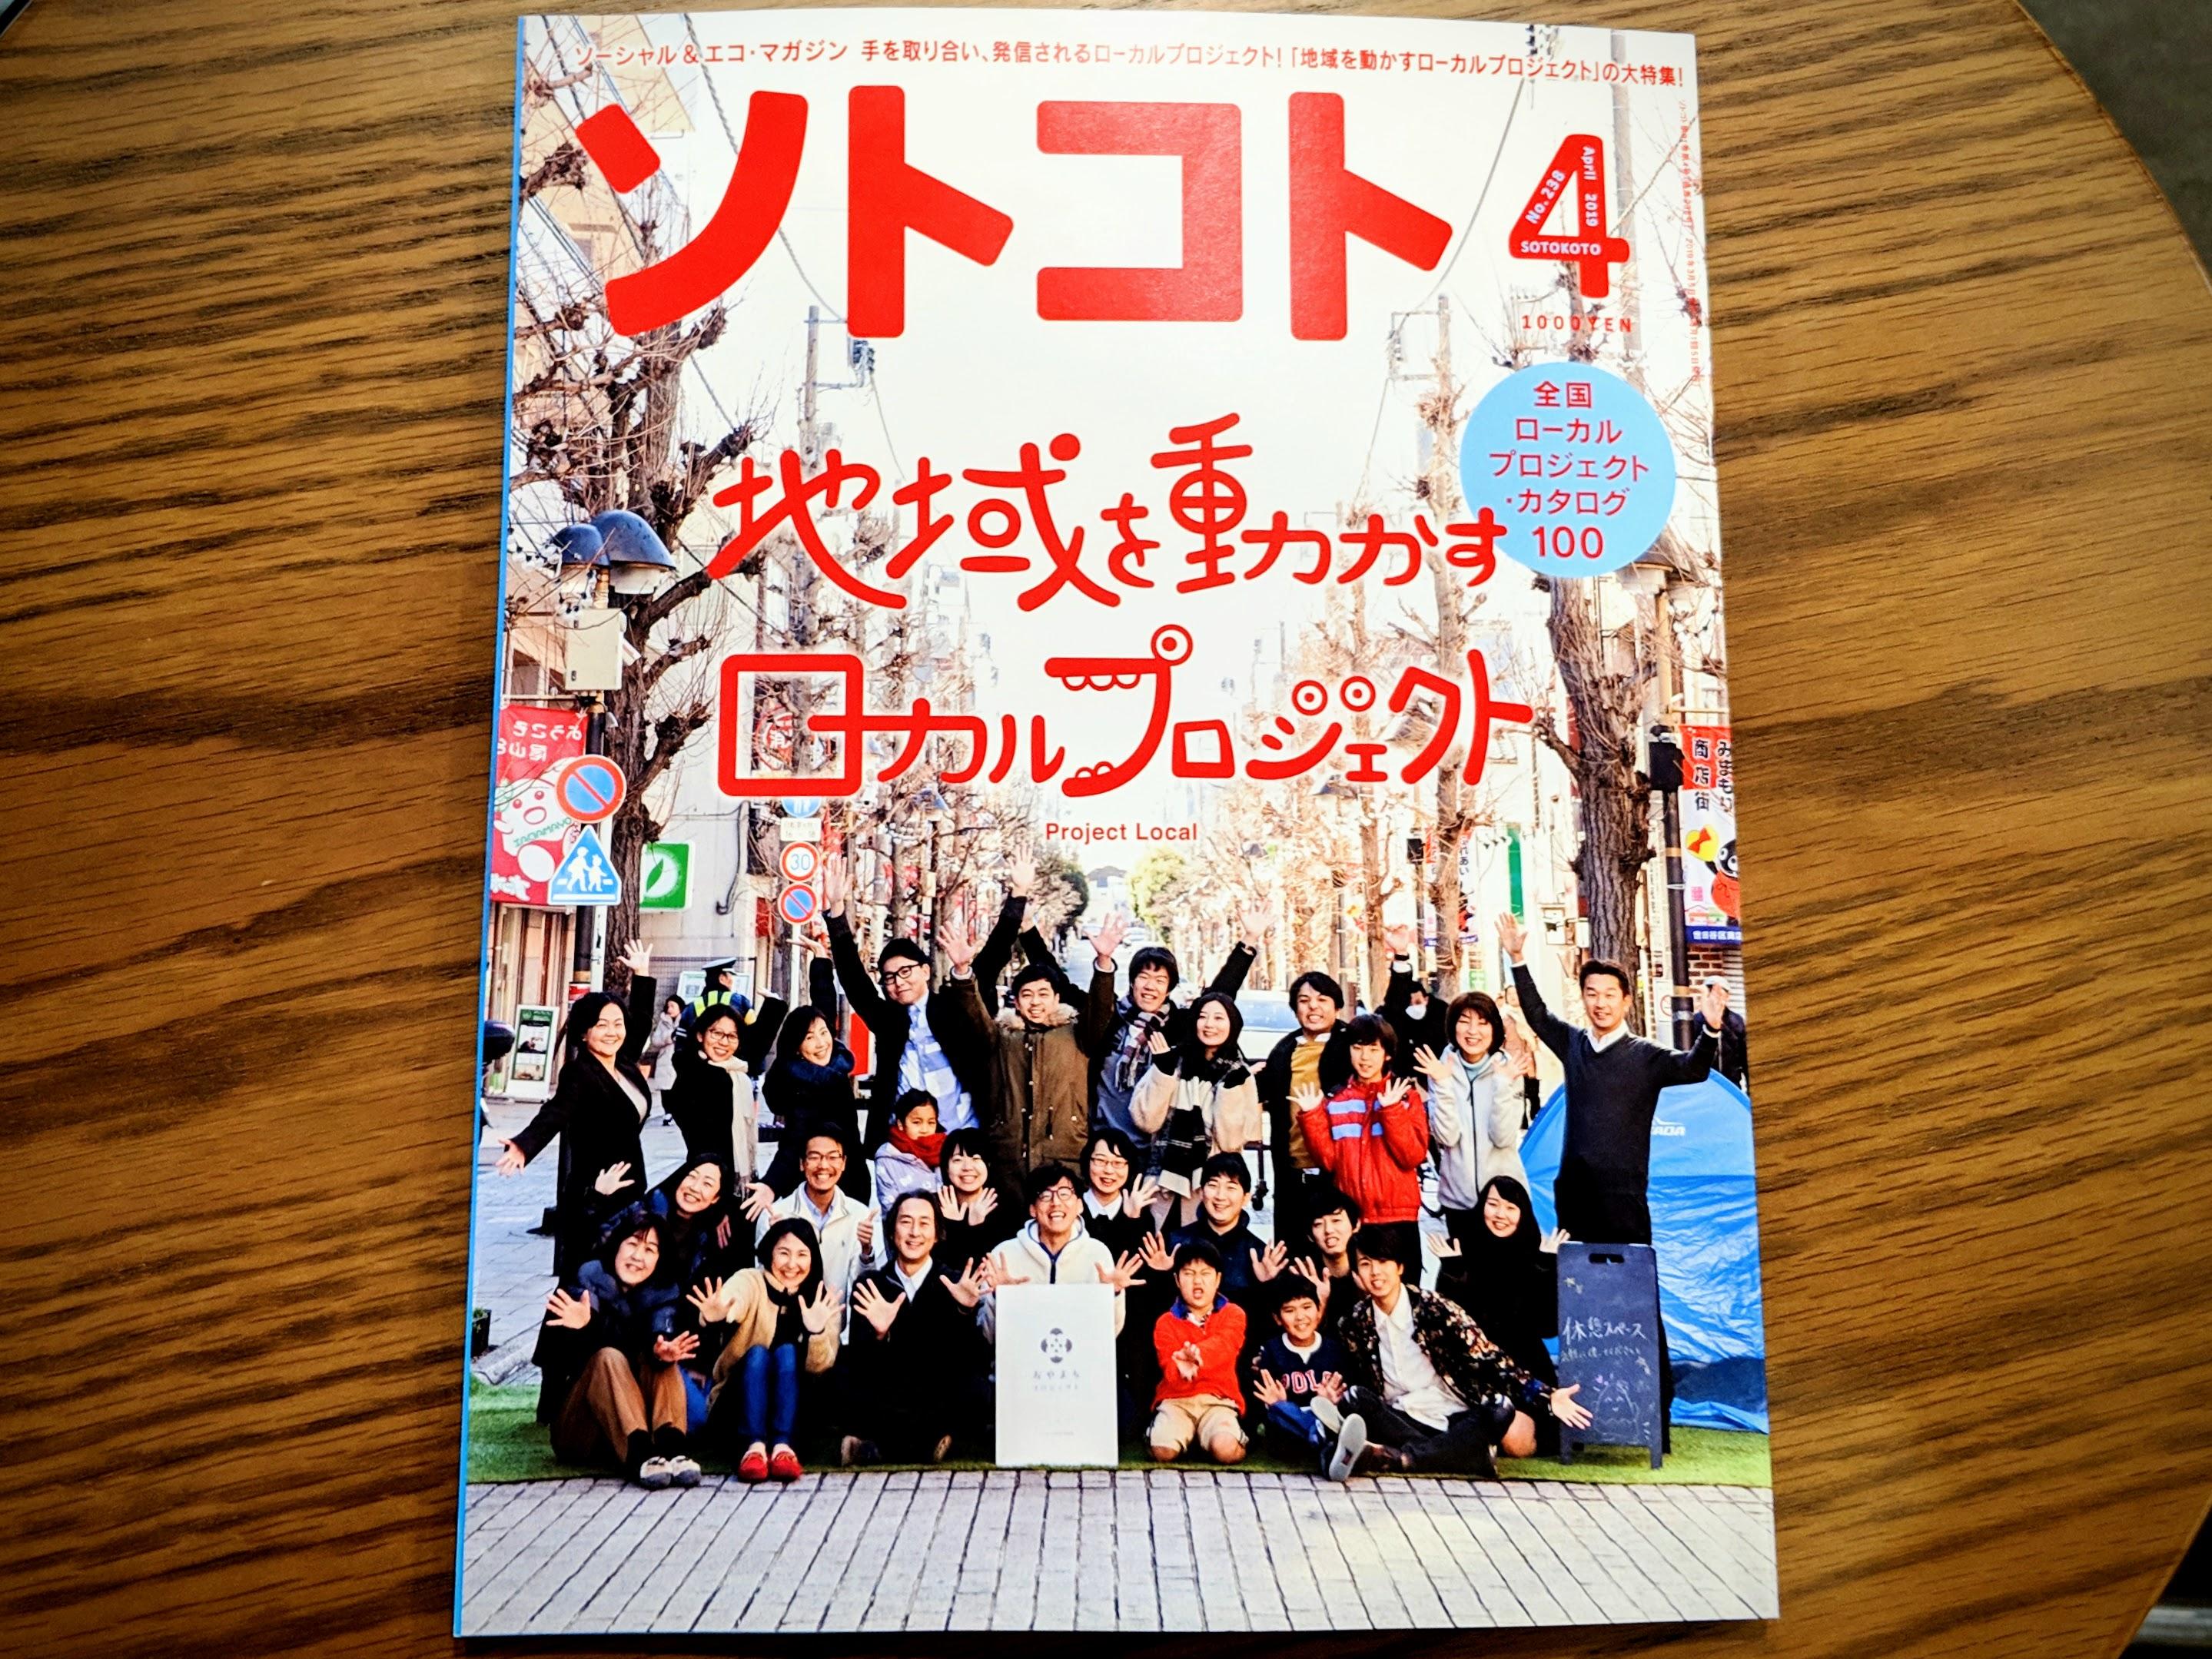 【メディア掲載】ソトコト4月号に掲載されました!